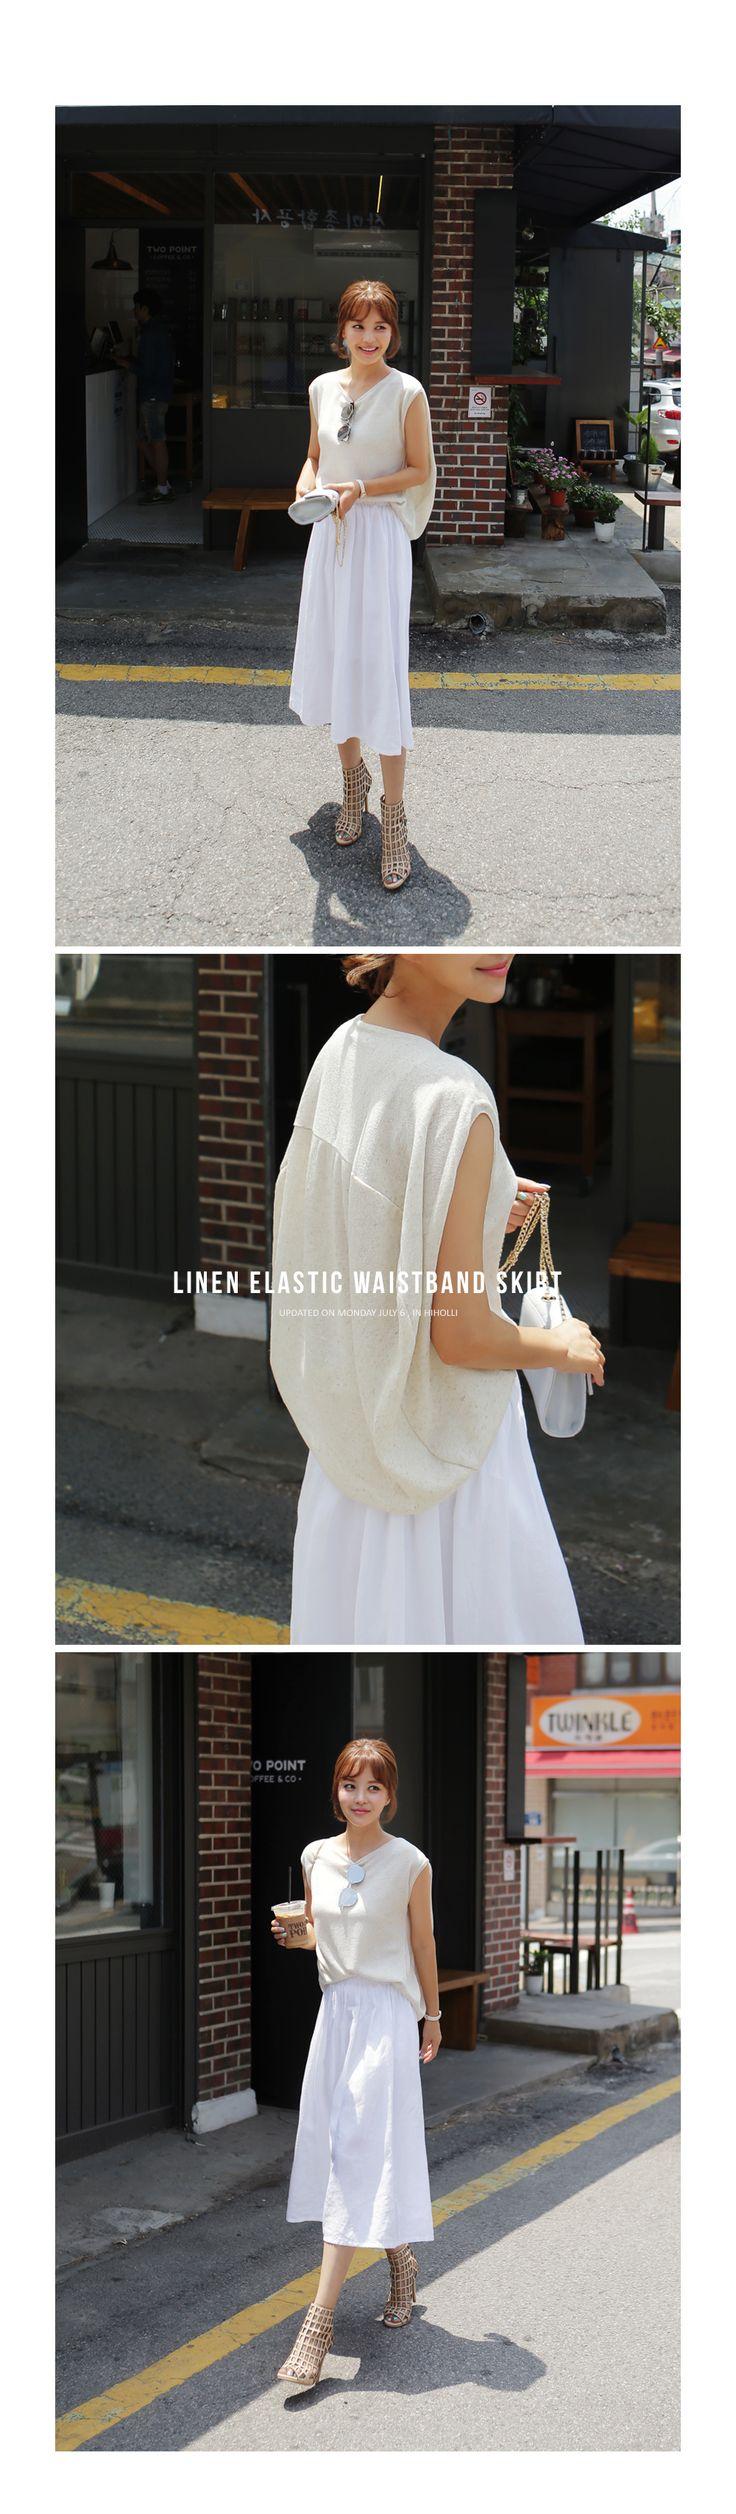 ウエストゴムリネンフレアスカート・全3色ワンピース・スカートスカート|大人のレディースファッション通販 HIHOLLIハイホリ [トレンドをプラスした素敵な大人スタイル]